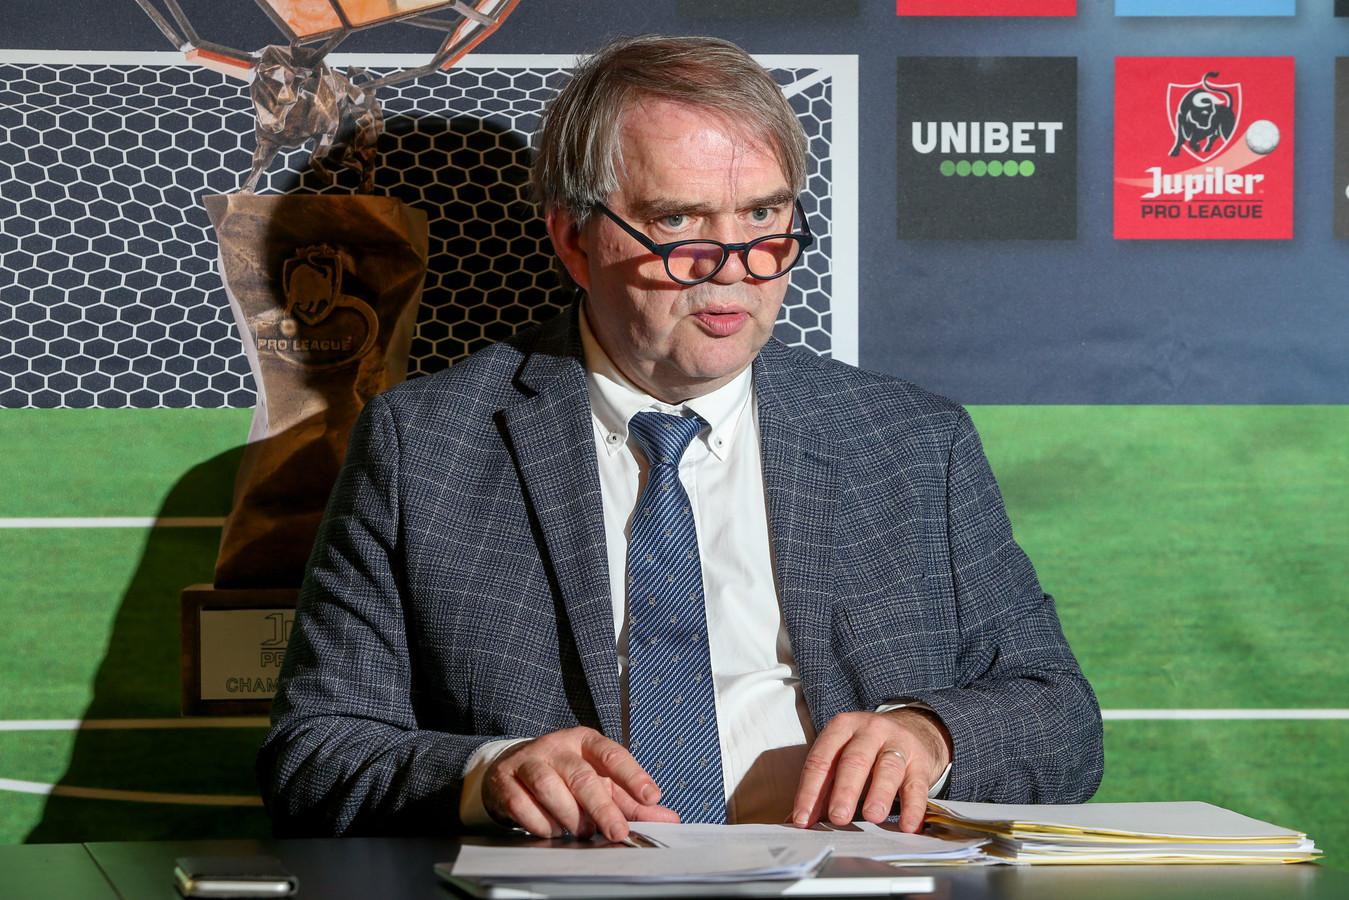 Pierre François, CEO van de Pro League, zat gisteren samen met vertegenwoordigers van de vakbonden.